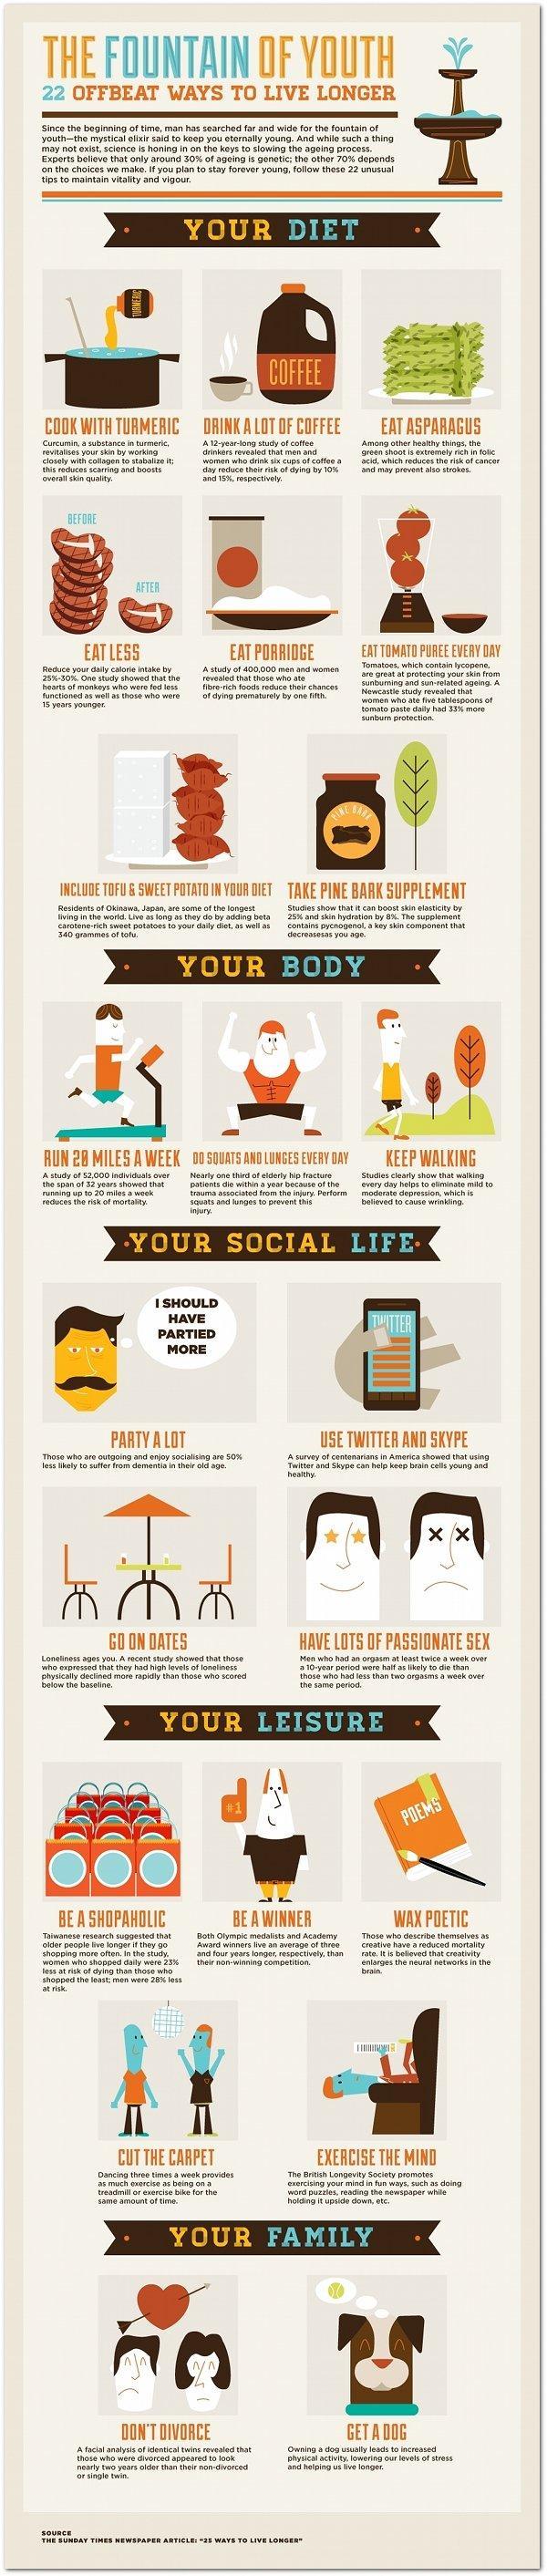 22 cose da fare per vivere più a lungo [INFOGRAFICA]